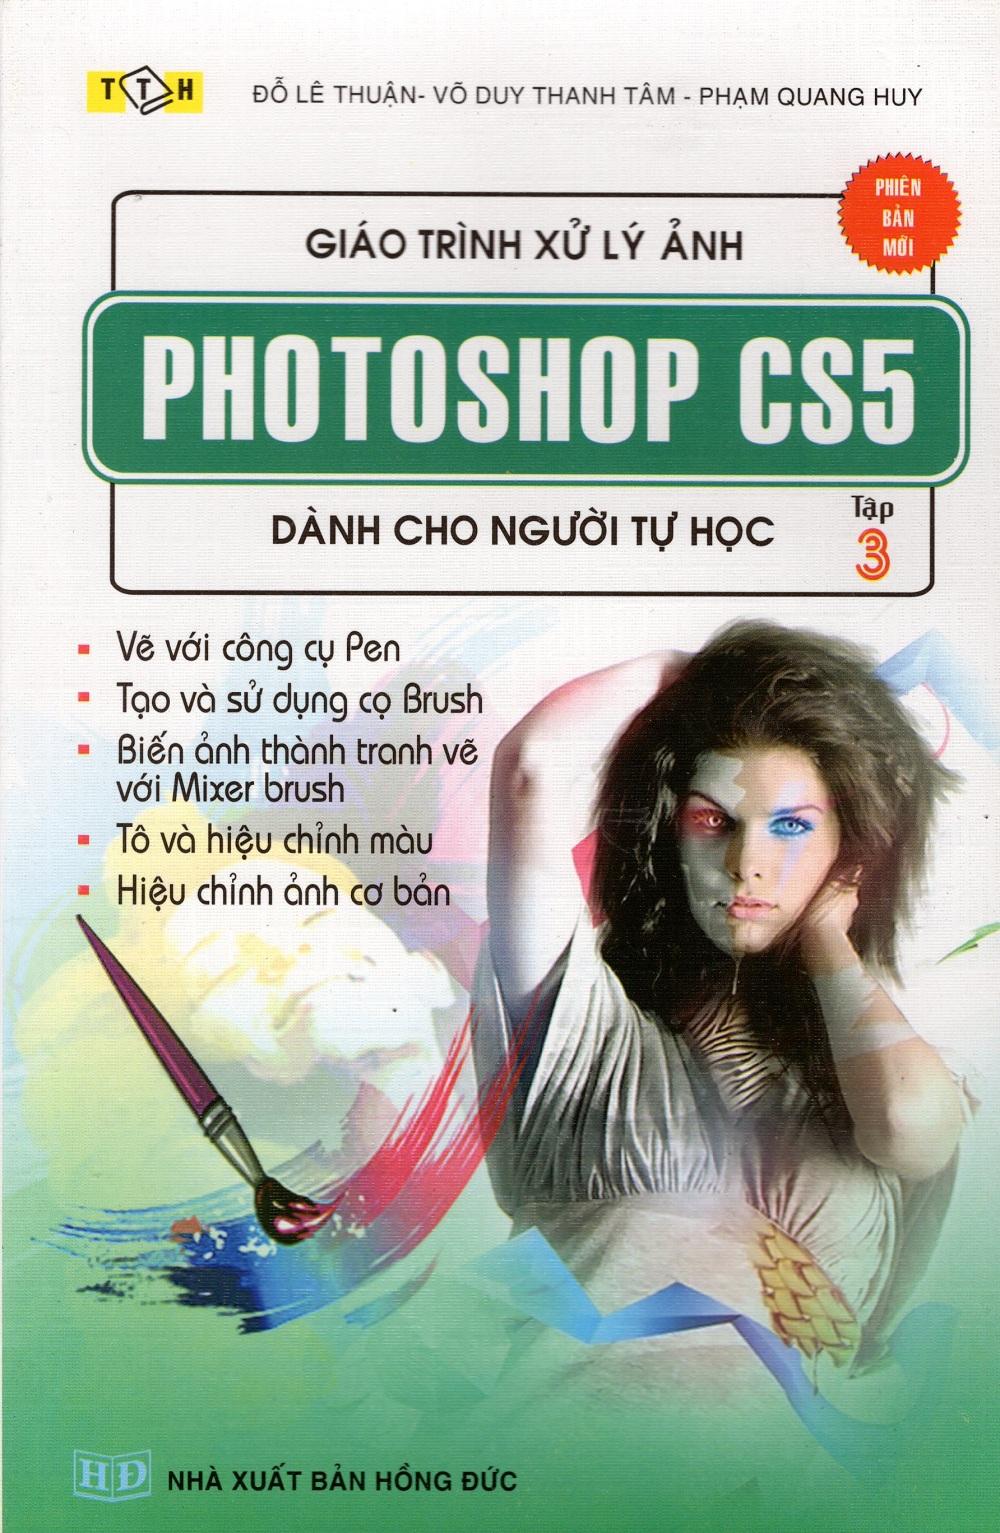 Bìa sách Giáo Trình Xử Lý Ảnh Photoshop Cs5 Dành Cho Người Tự Học (Tập 3)